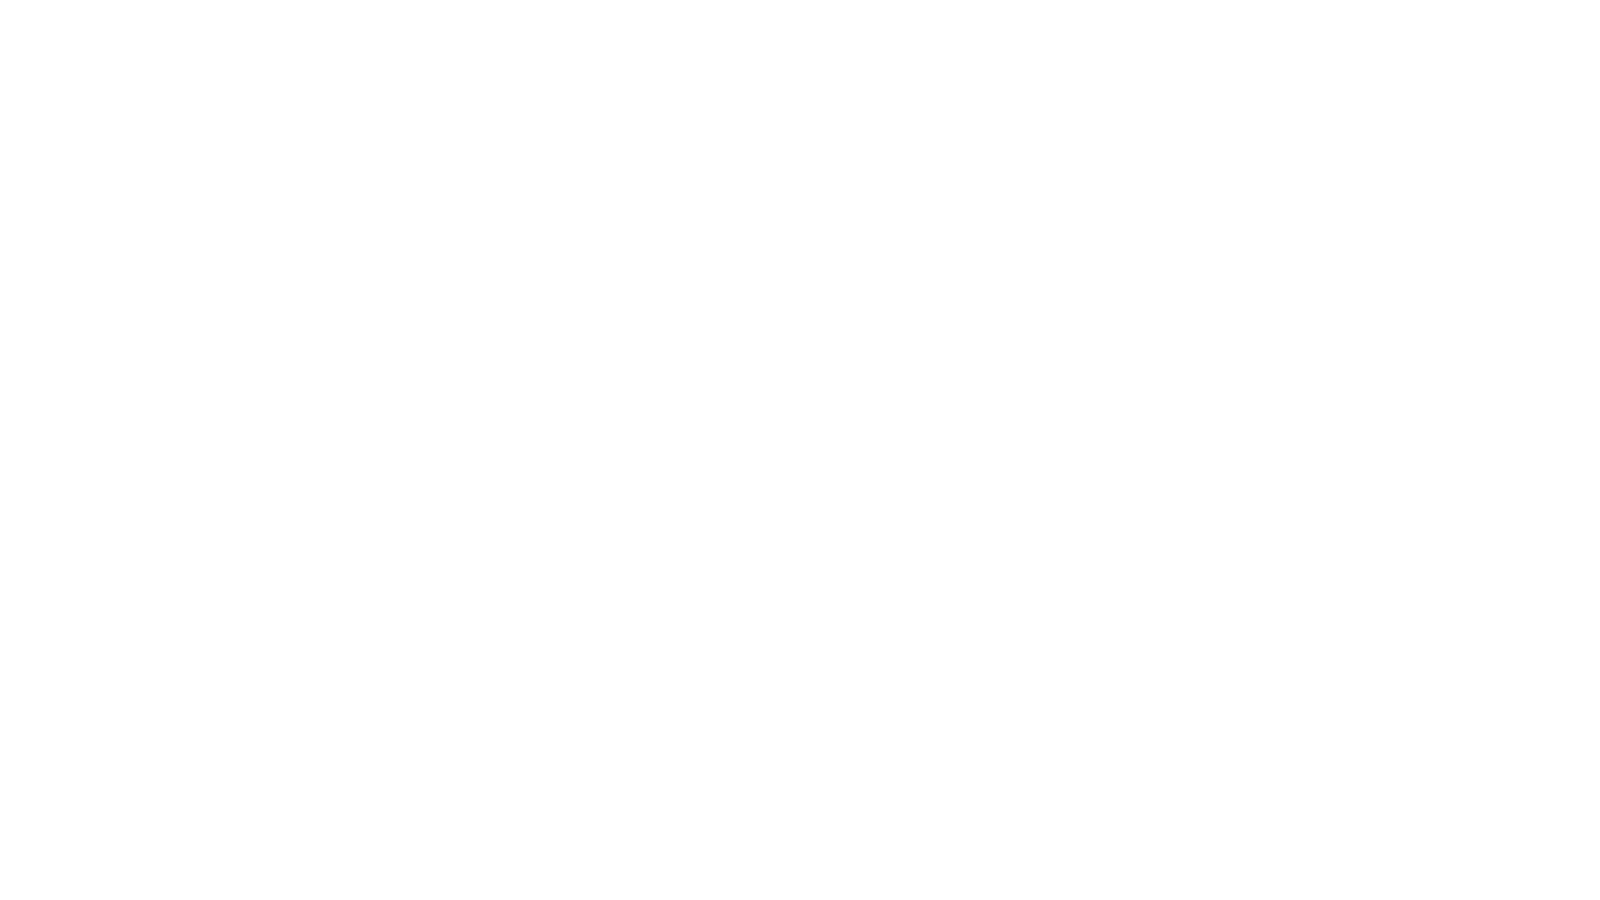 entrar nos estados unidos durante uma pandemia é o tipo de aventura que eu não recomendo a ninguém. fiz esse vídeo para contar a minha experiência (e dificuldade) passando pela imigração, mesmo depois de já ter vindo incontáveis vezes aqui para os EUA - eu viajo com 2 passaportes cheios de carimbos então nunca tenho problema para entrar em lugar nenhum.  no momento a fronteiras dos estados unidos estão fechadas para brasileiros vindo do brasil. antes de chegar aqui eu fiz quarentena de 15 dias no méxico (cancun).   quarentena na chegada nos estados unidos não é obrigatória mas por motivos de segurança eu e meu namorado nos isolamos por 15 dias mesmo assim - motivo pelo qual esse vlog é só dentro de casa, no nosso quintal / floresta e nossos lanches foram sempre feitos dentro do nosso carro.   se vocês tiverem alguma dúvida deixe nos comentários que eu respondo!   se quiser acompanhar o meu dia-a-dia aqui, se siga no instagram: @emille  lots of love, emi  _____________  me siga nas redes sociais:  instagram: https://www.instagram.com/emille/ blog: http://emille.com.br/ clubhouse: @emillerosa se inscreva na minha newsletter: http://bit.ly/NewsletterDaEmille  _____________  musica:  birds and daisies by racoon racoon: https://soundcloud.com/racoonracoon/birds-and-daisies  bub by mangonade: https://soundcloud.com/mangonade/bub